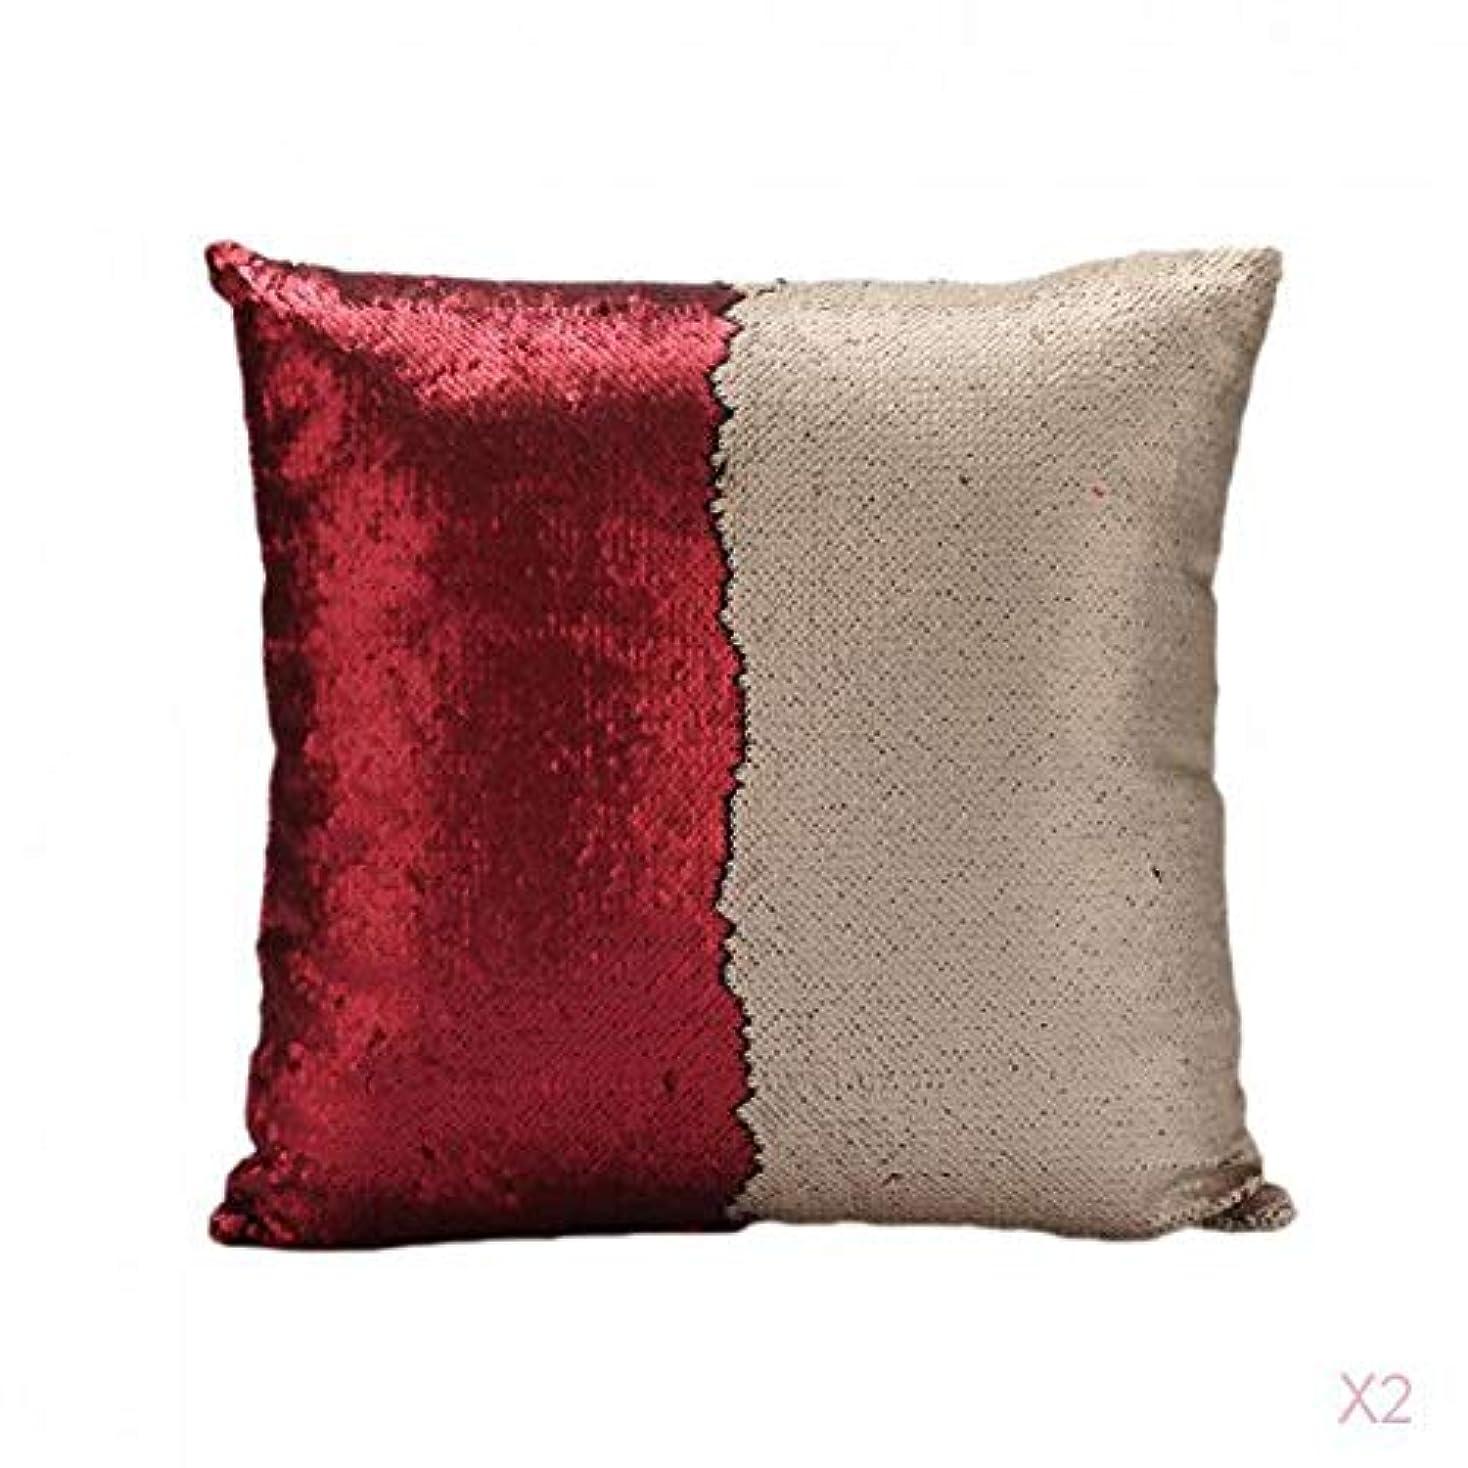 幾何学あいまいなビジュアル赤可逆スエードスパンコールソファ腰クッションカバーベッドの枕カバースリップ